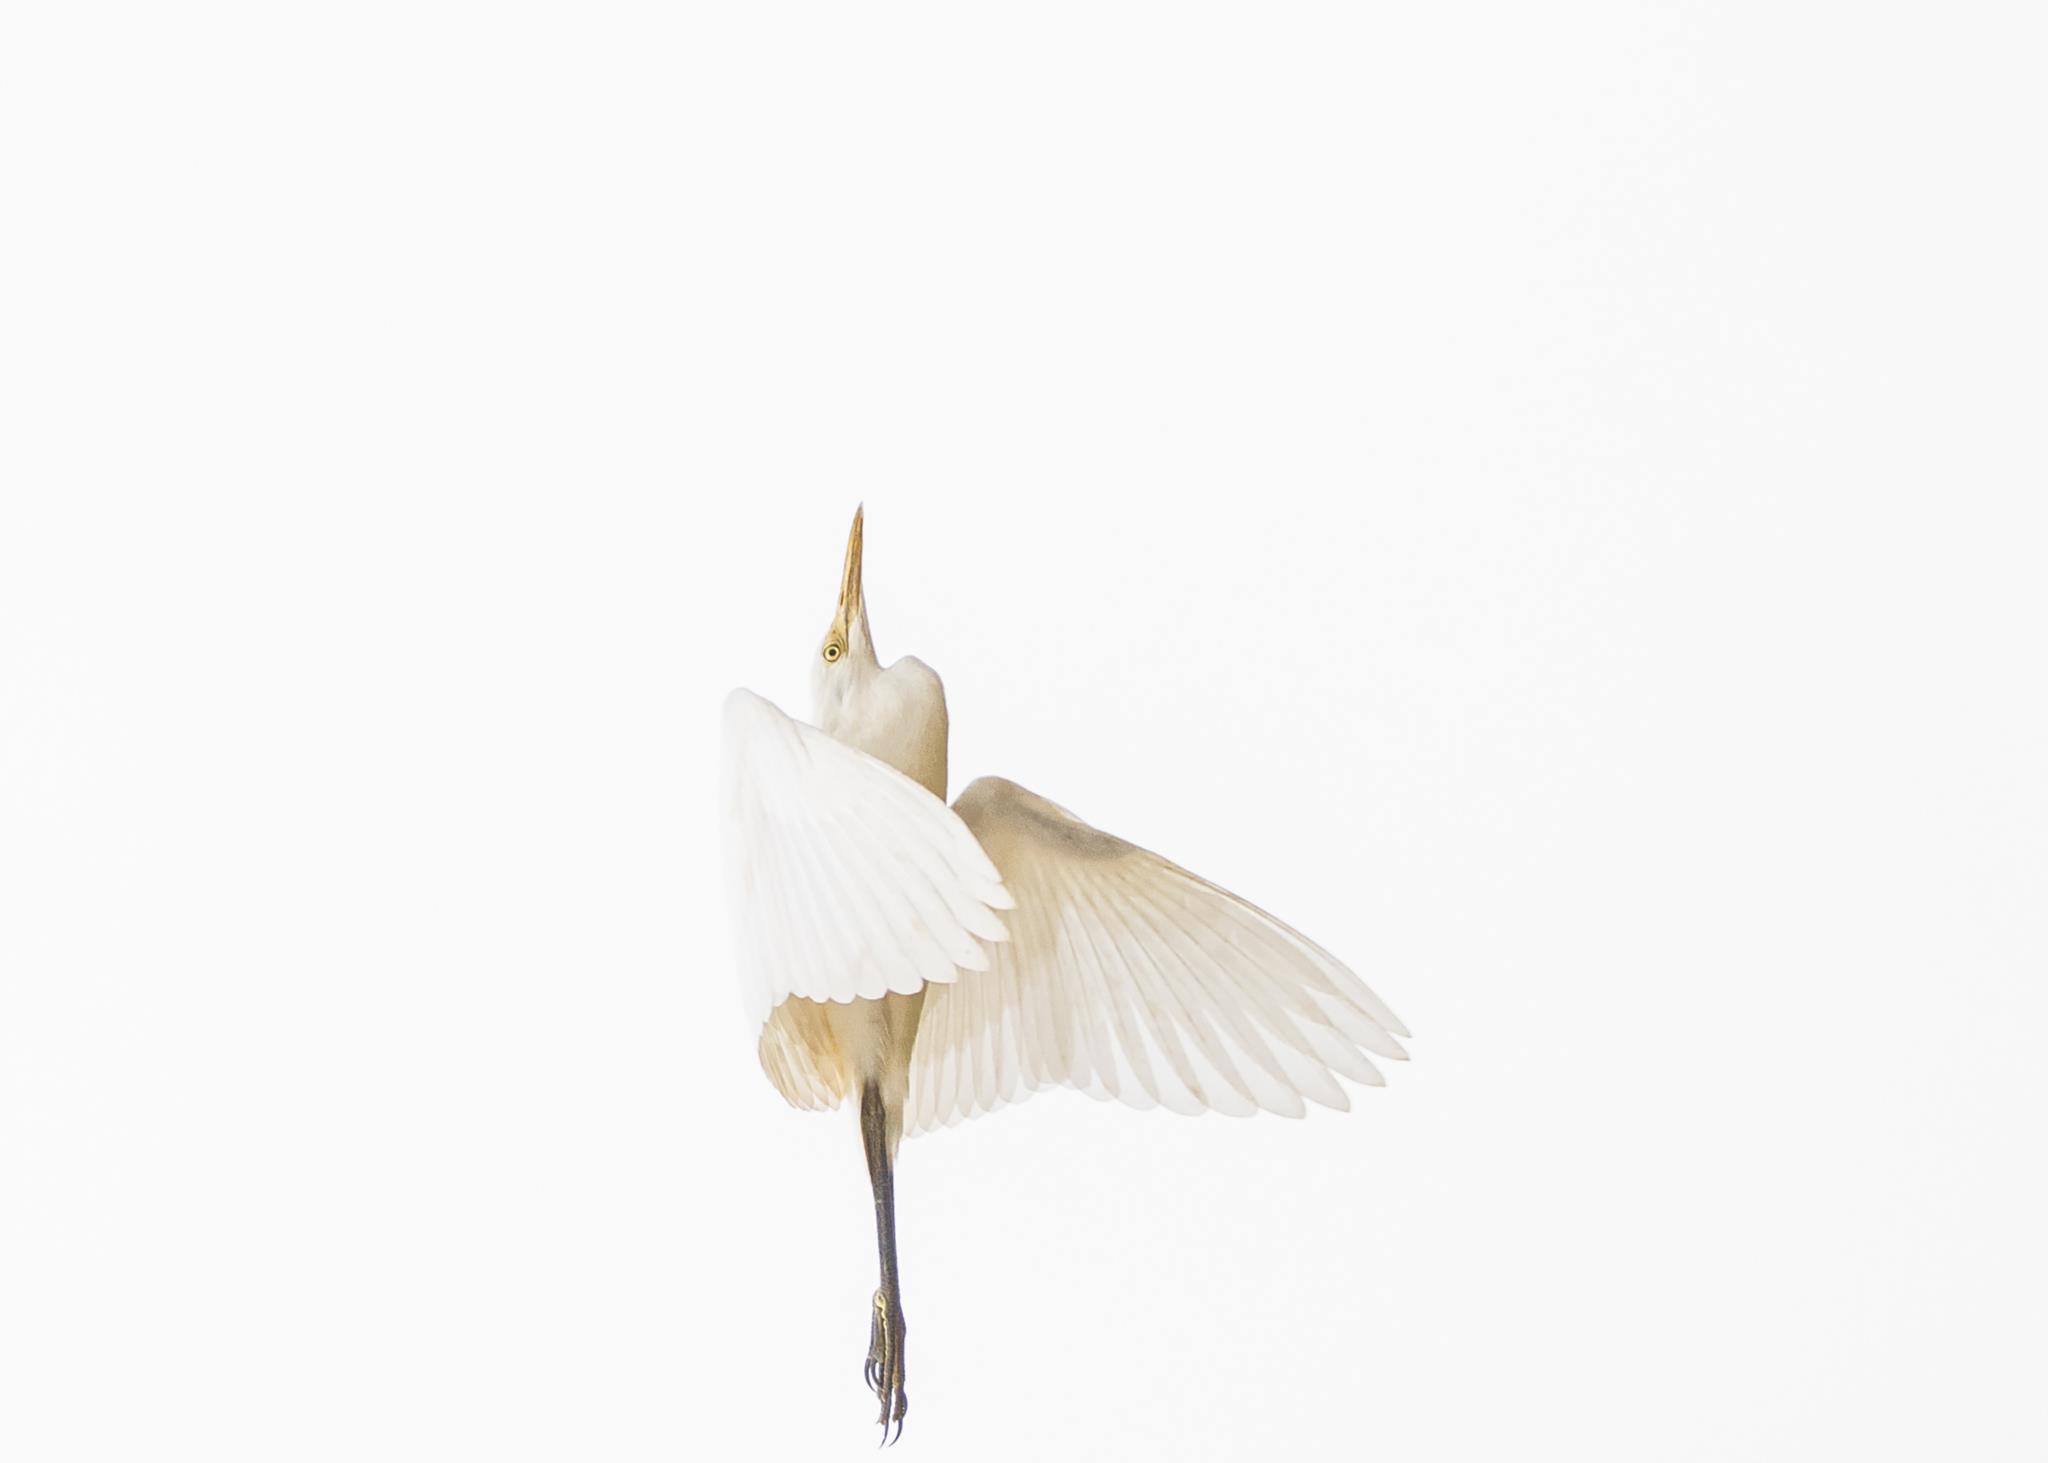 Uma garça voa no Parque Natural de Chitwan (1.º prémio - Nepal)